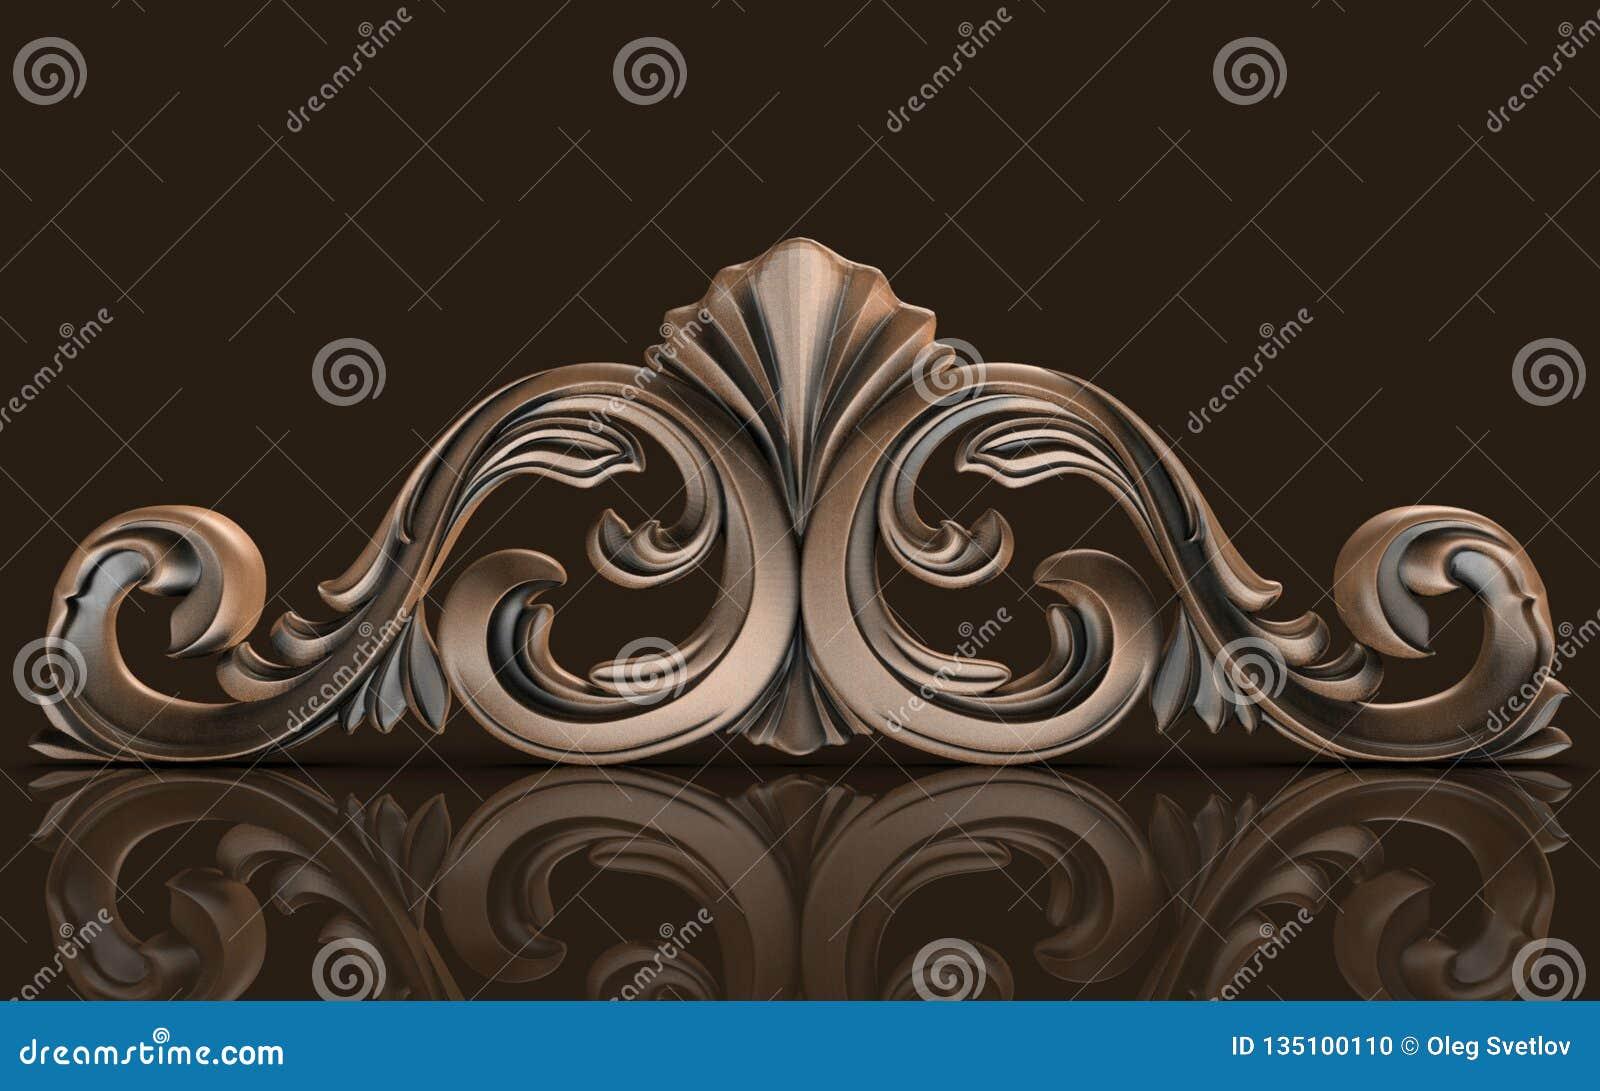 Modellen voor architecturaal binnenlands ontwerp, kunstenaar, textuur, grafisch ontwerp, architectuur, illustratie, symbool, rijk